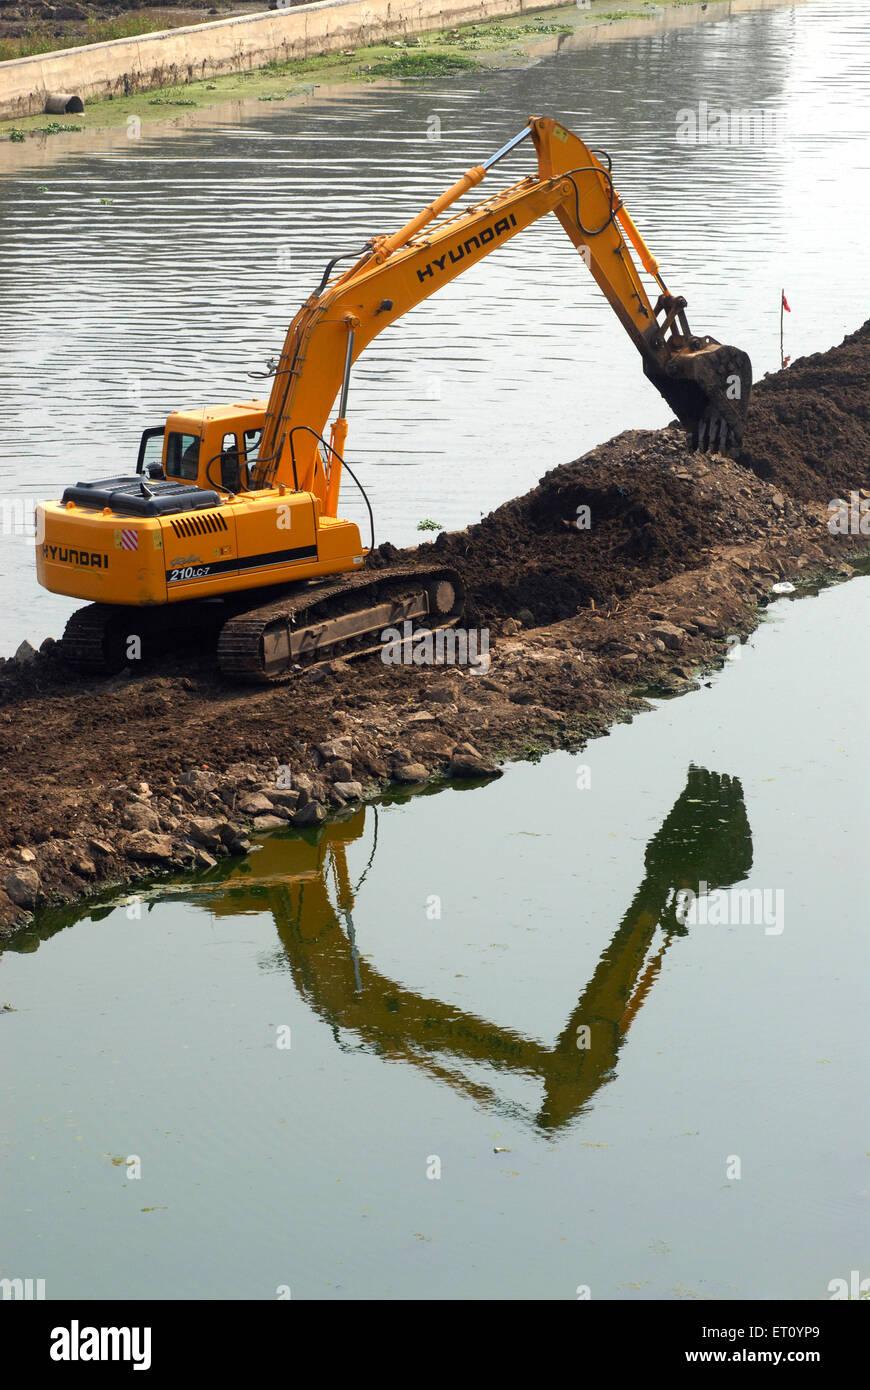 Escavatore e scavatrice Bulldozer della Hyundai Rolex 210 LC 7 macchine pesanti ; lavori di scavo presso la banca Immagini Stock